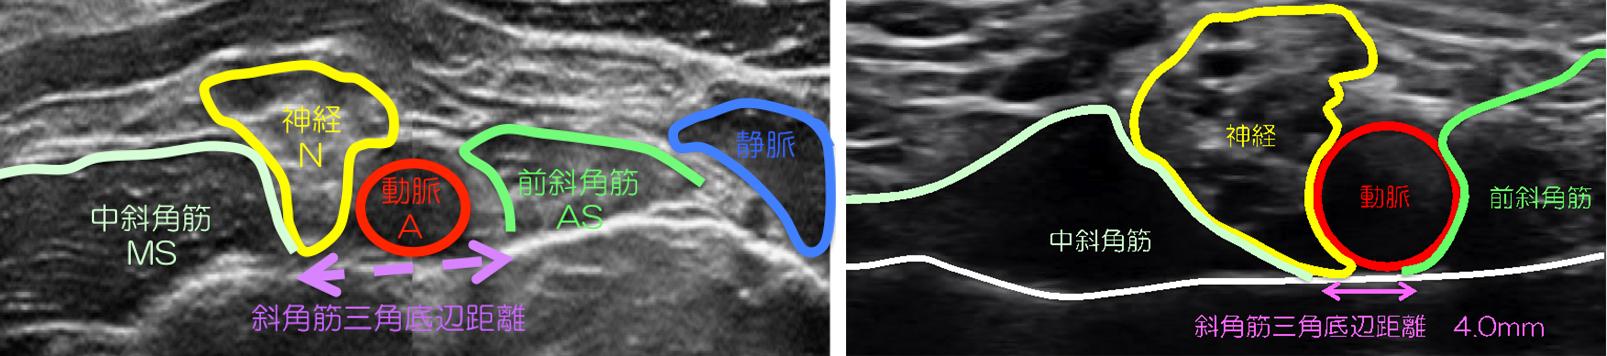 出口 症候群 胸郭